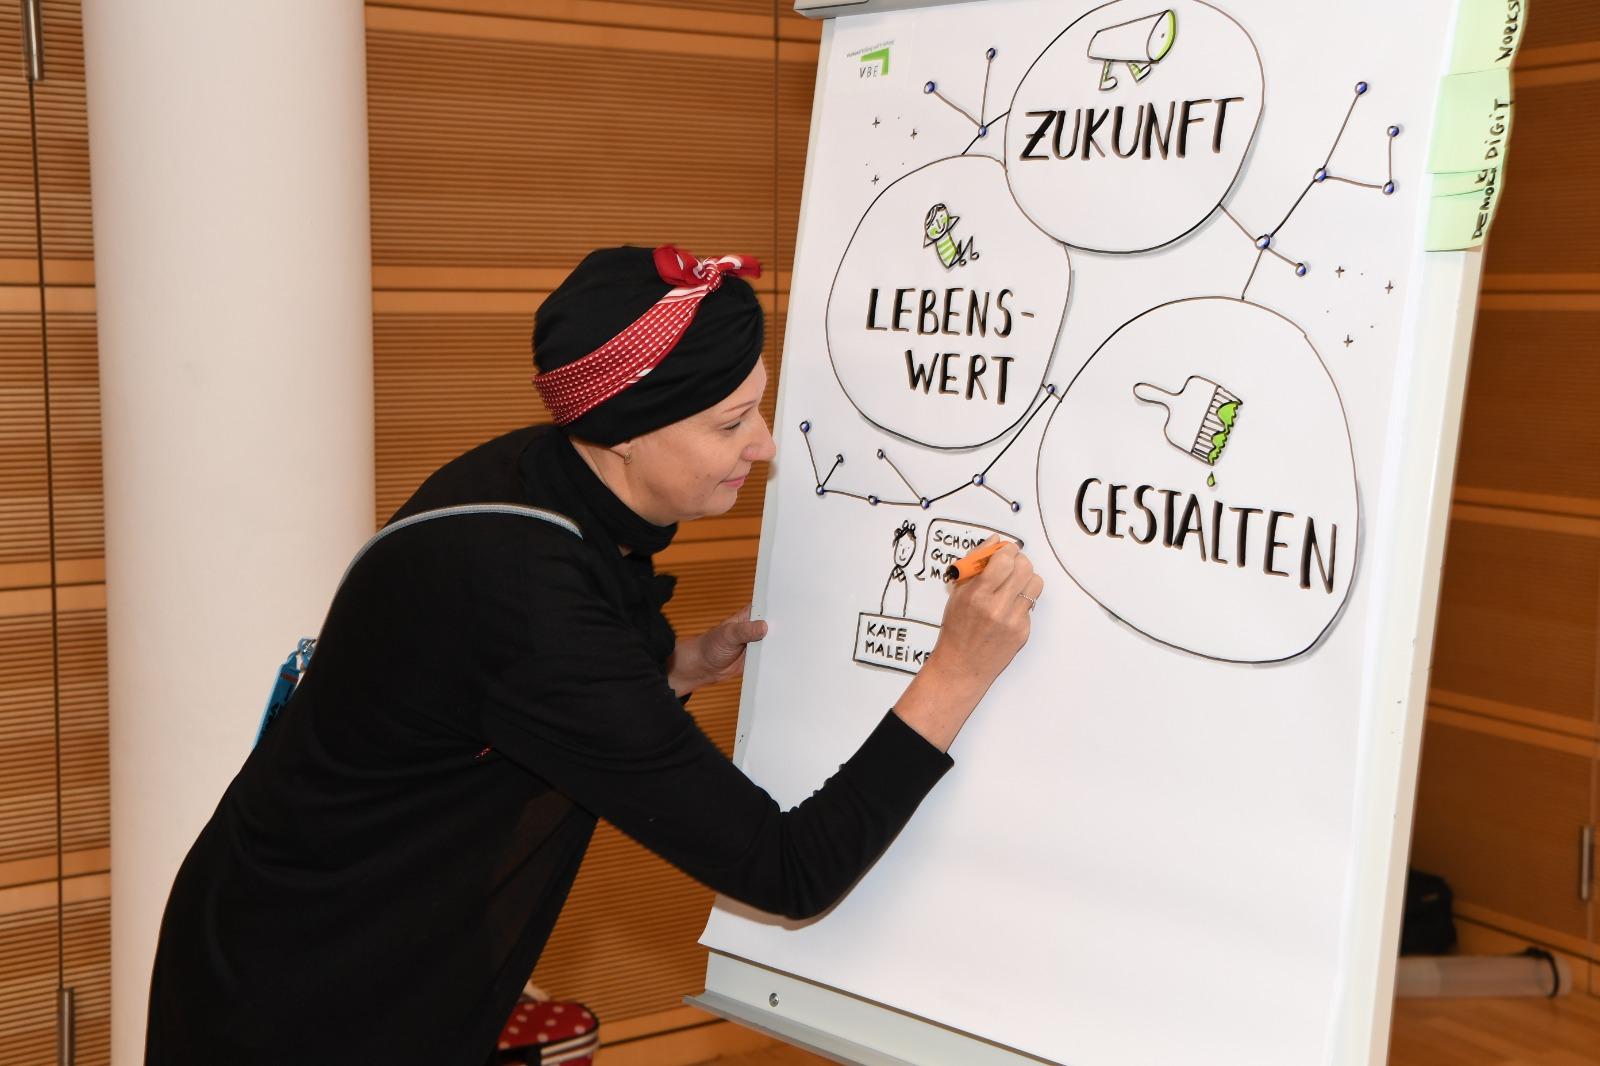 Nina Neef Begleitete Das Fachforum 2019 Vom Verband Für Bildung Und Erziehung VBE Per Live Graphic Recording.